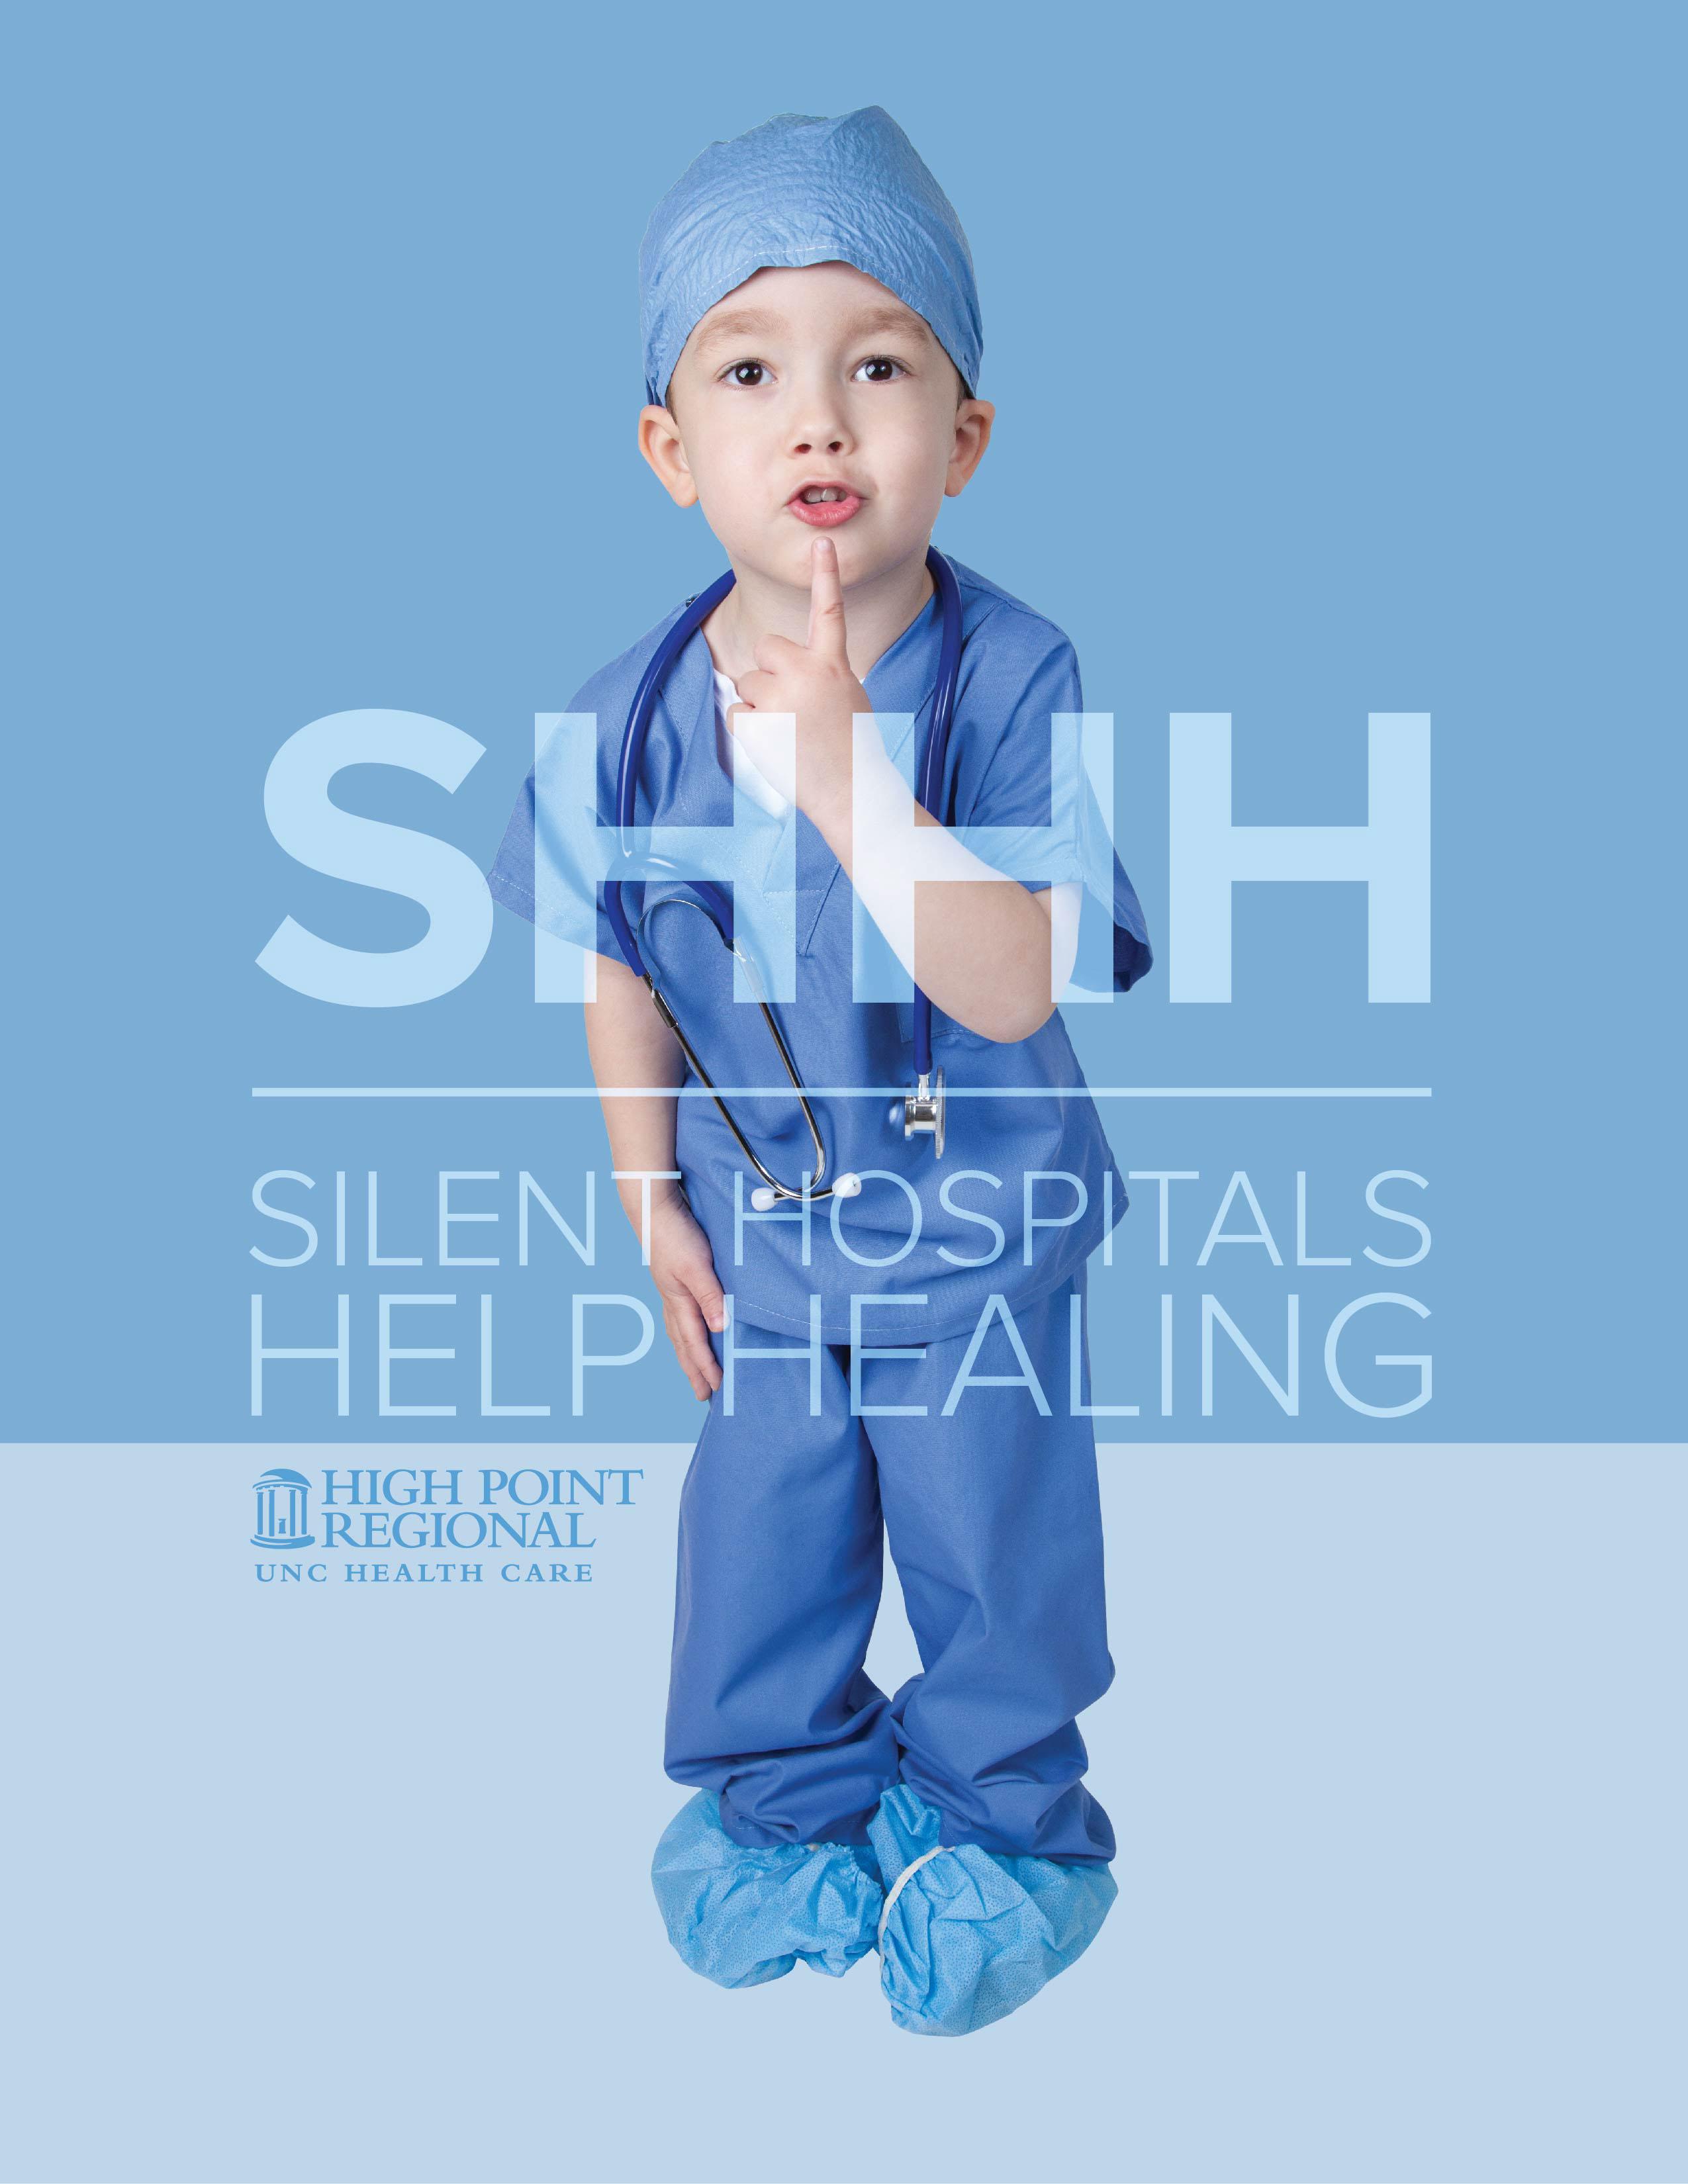 Shhh Signs Hospitals